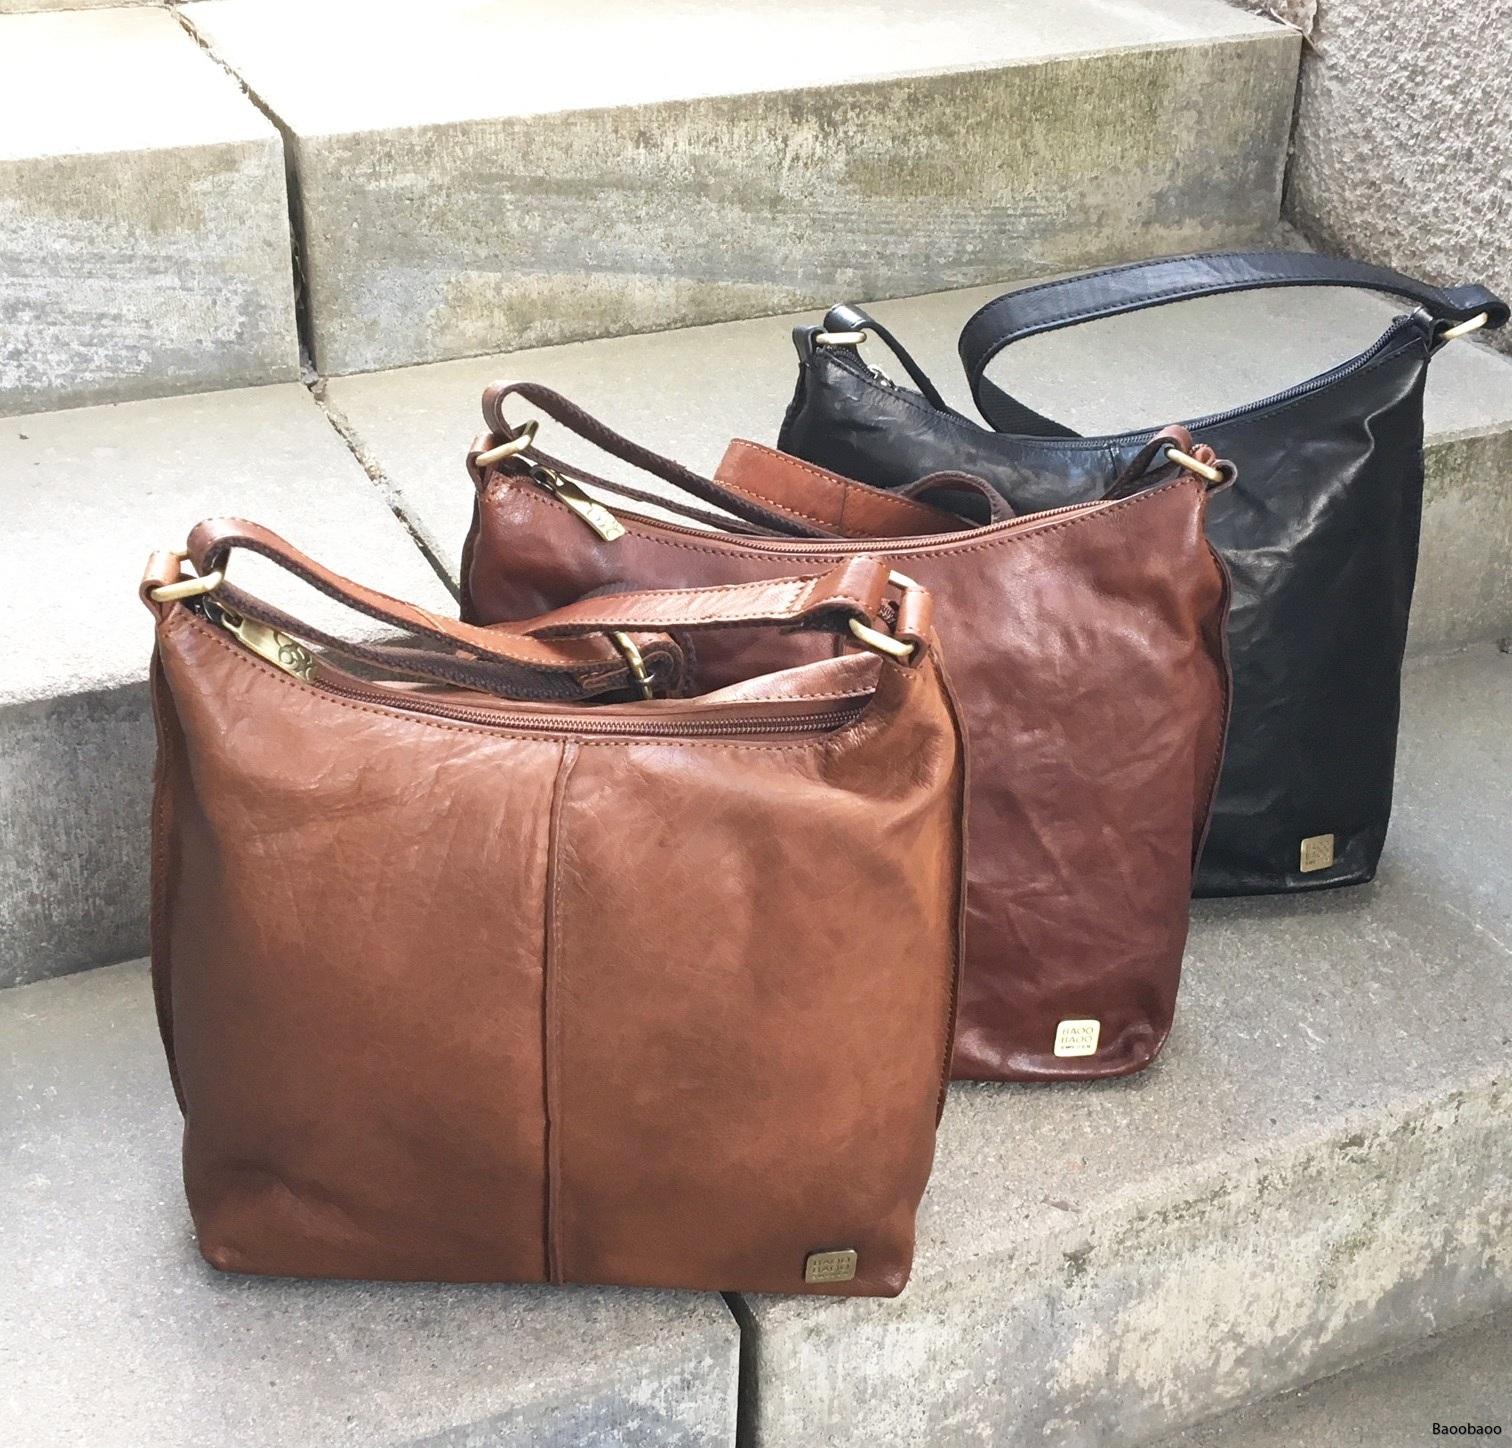 Bucketbag trio correct